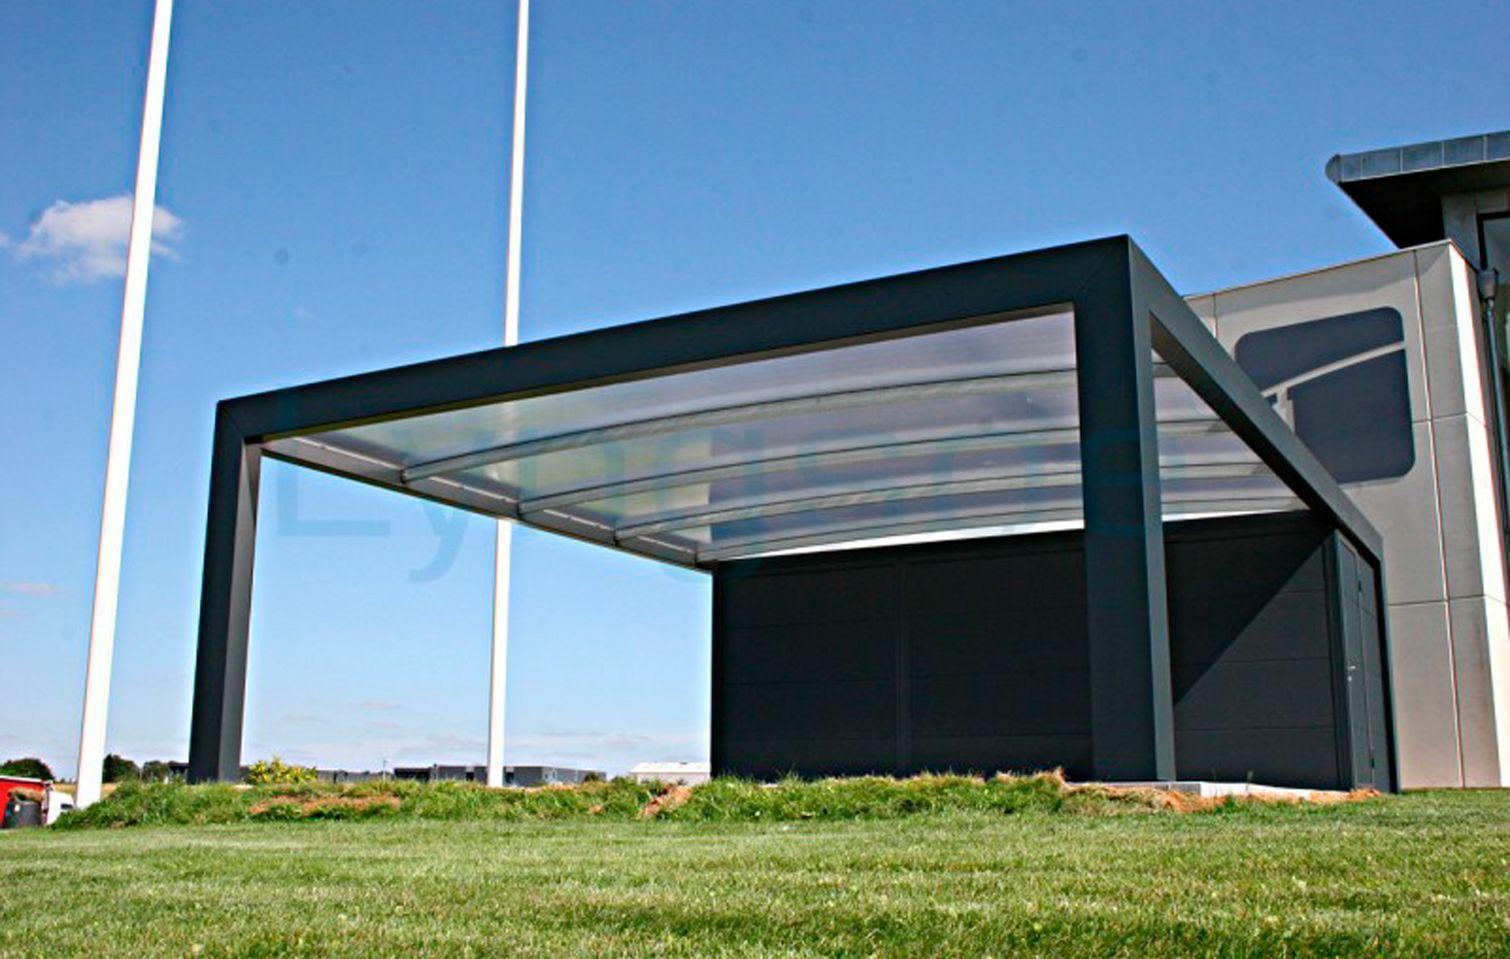 Ny carport til dit hus Få inspiration her Carport ideer